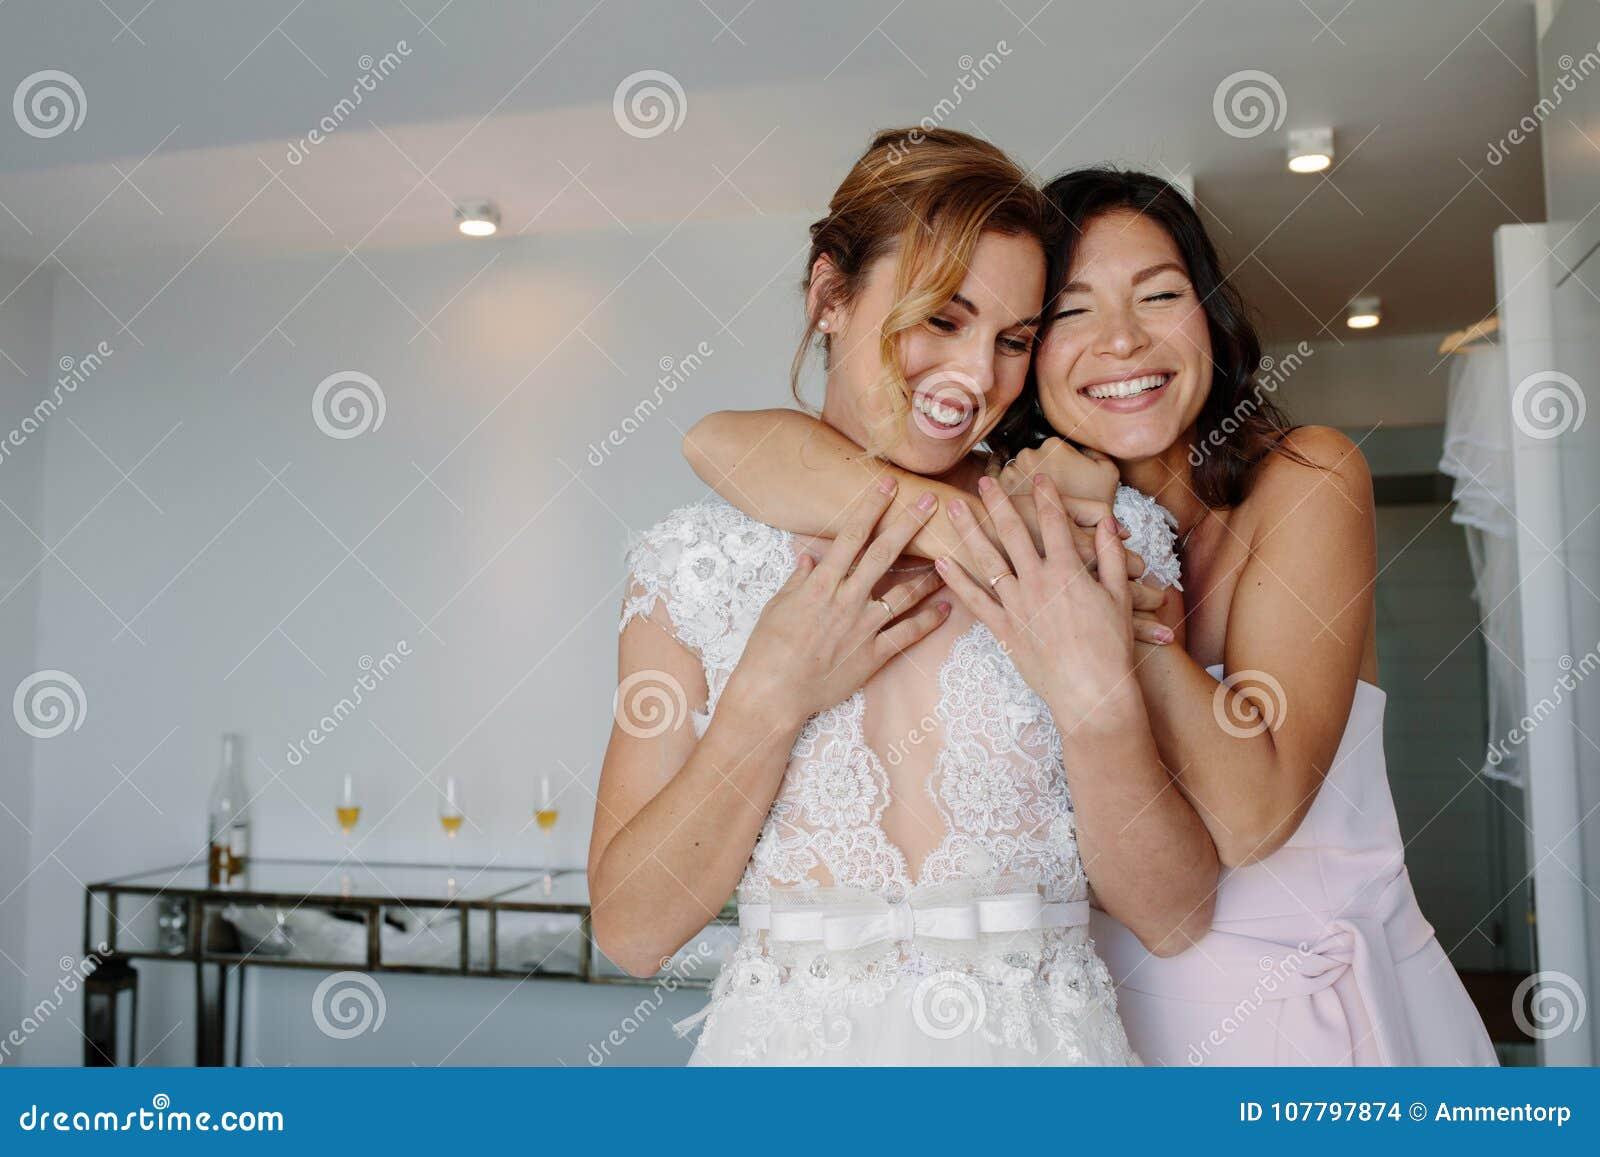 Damigella d onore felice che dà un abbraccio tenero alla sposa